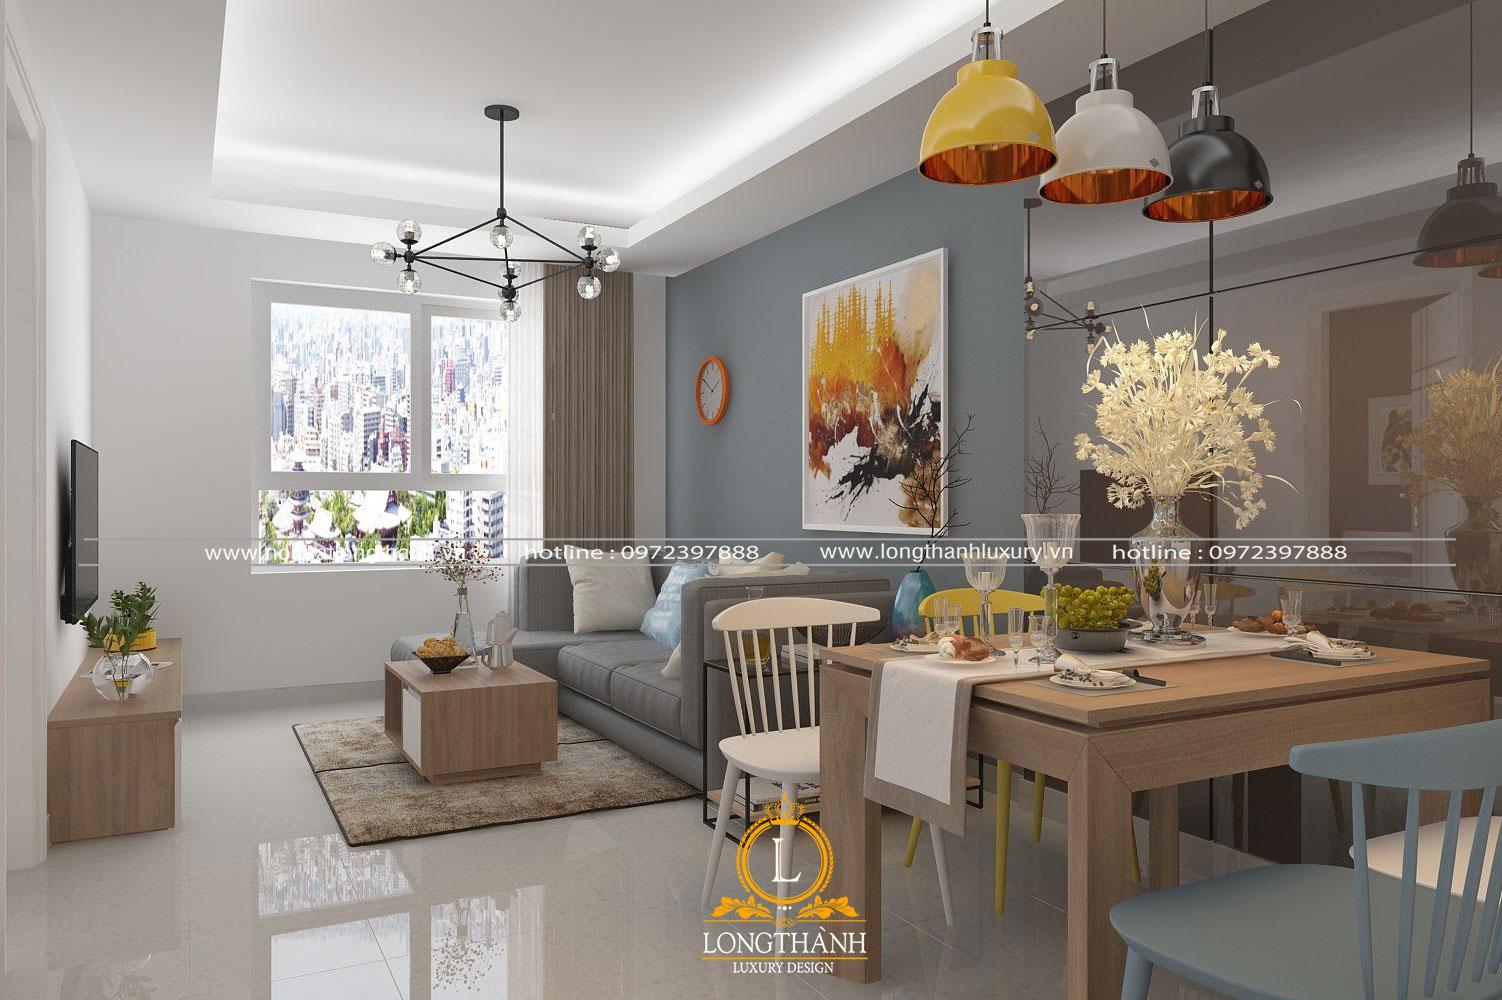 Thiết kế không gian khách bếp cho chung cư diện tích nhỏ